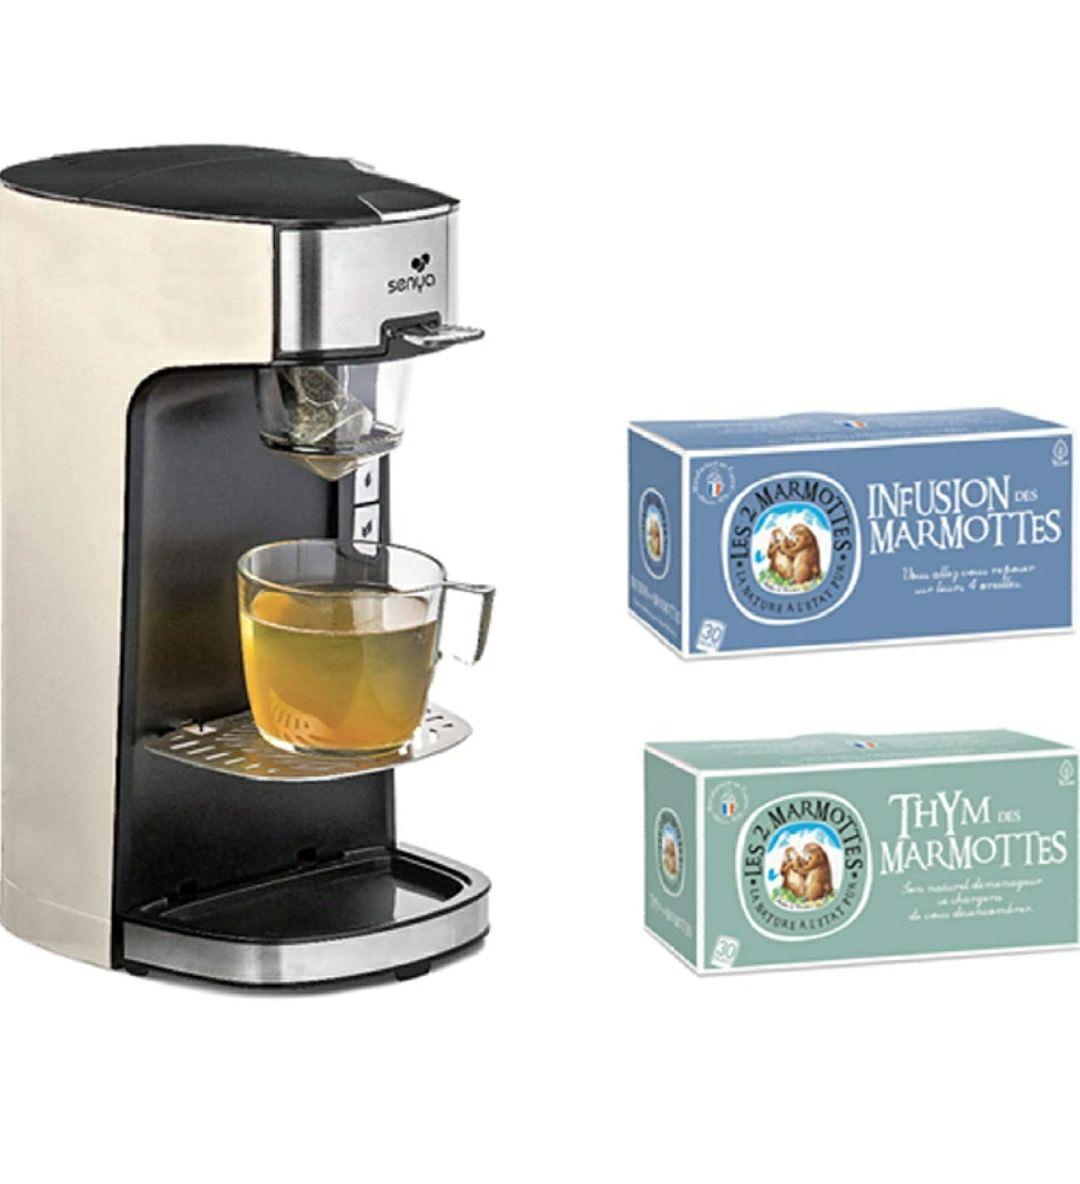 Senya SYPK-009C Máquina de té Tea Time, 1415 W, Crema